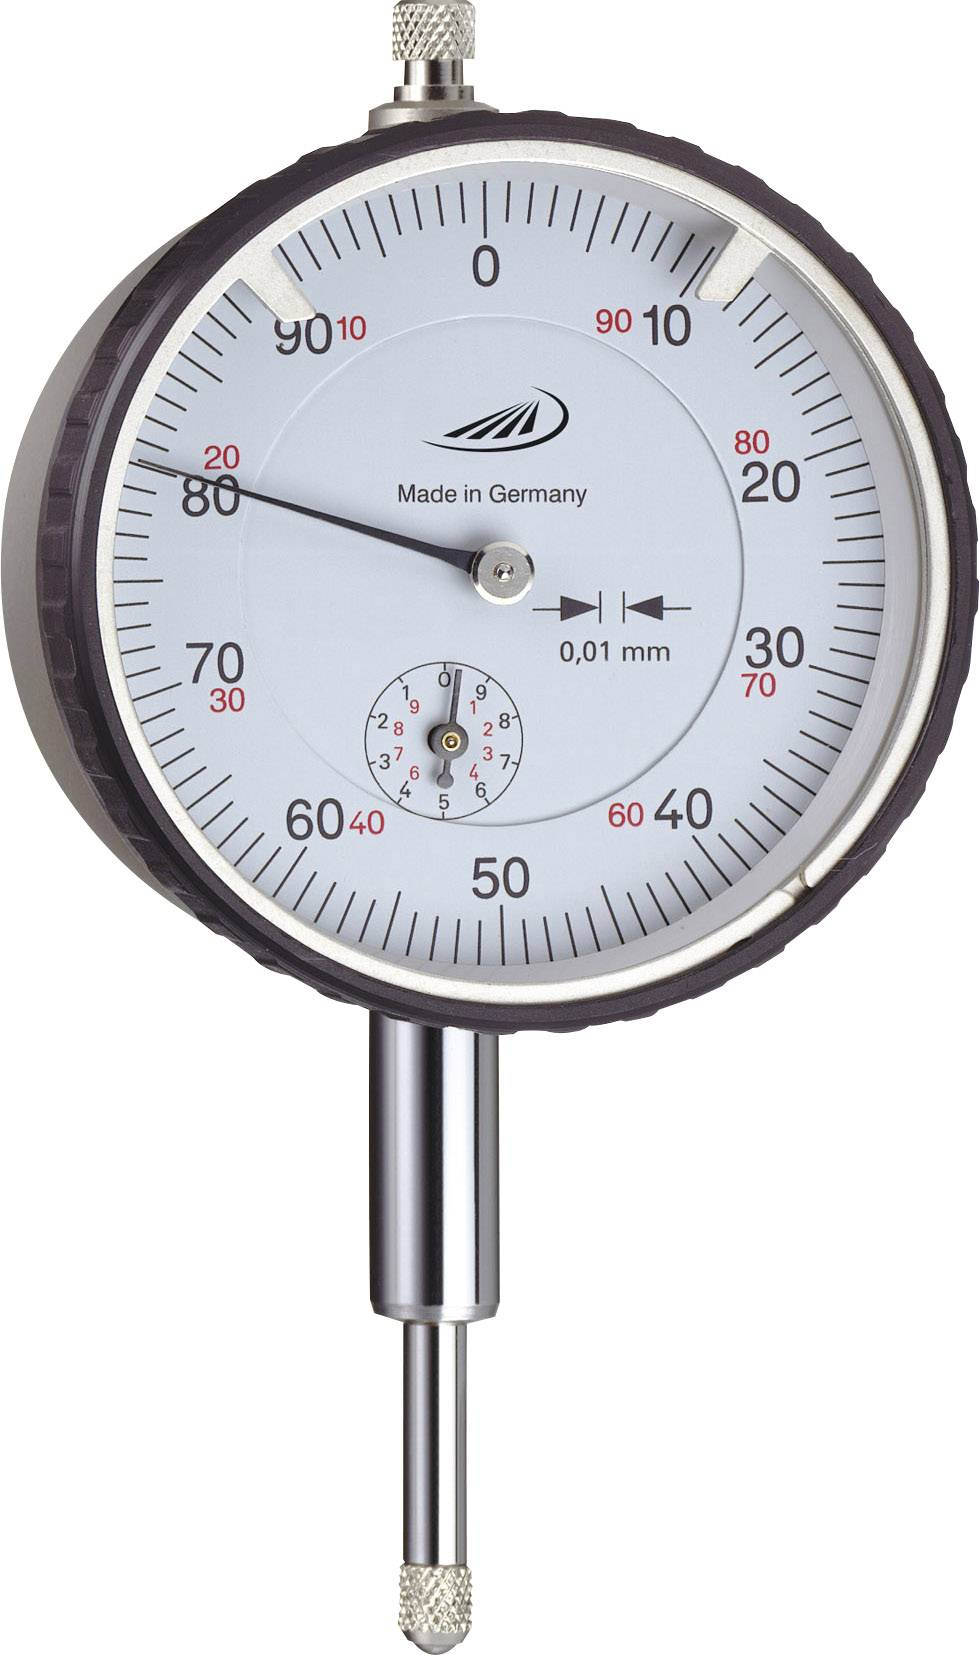 Úchylkomer Helios Preisser 0701110, 0.01 mm, kovové puzdro